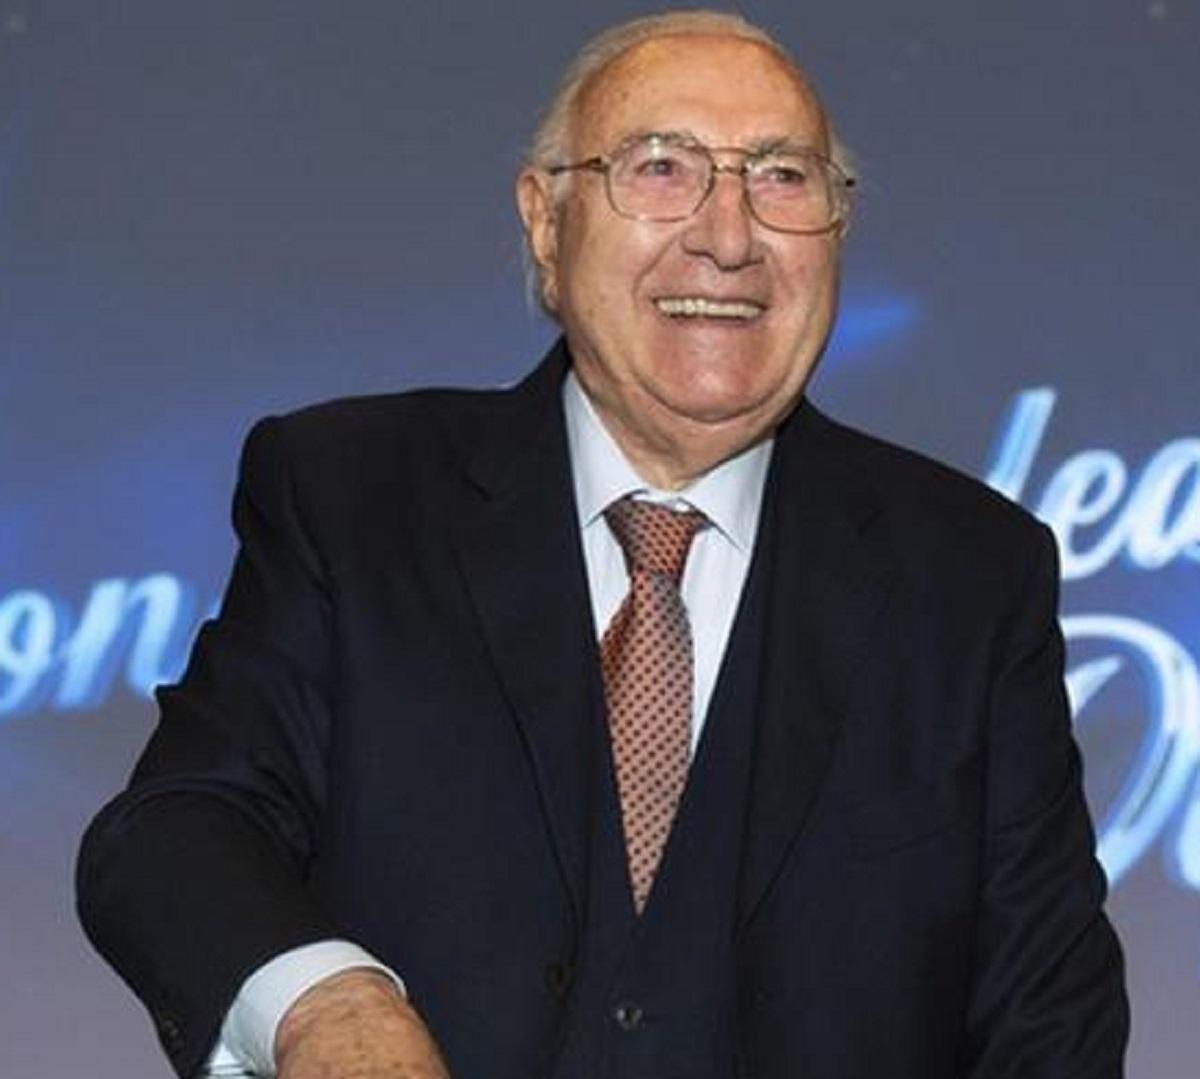 Pippo Baudo duro colpo televisione italiana Carlo Conti Paolo Bonolis